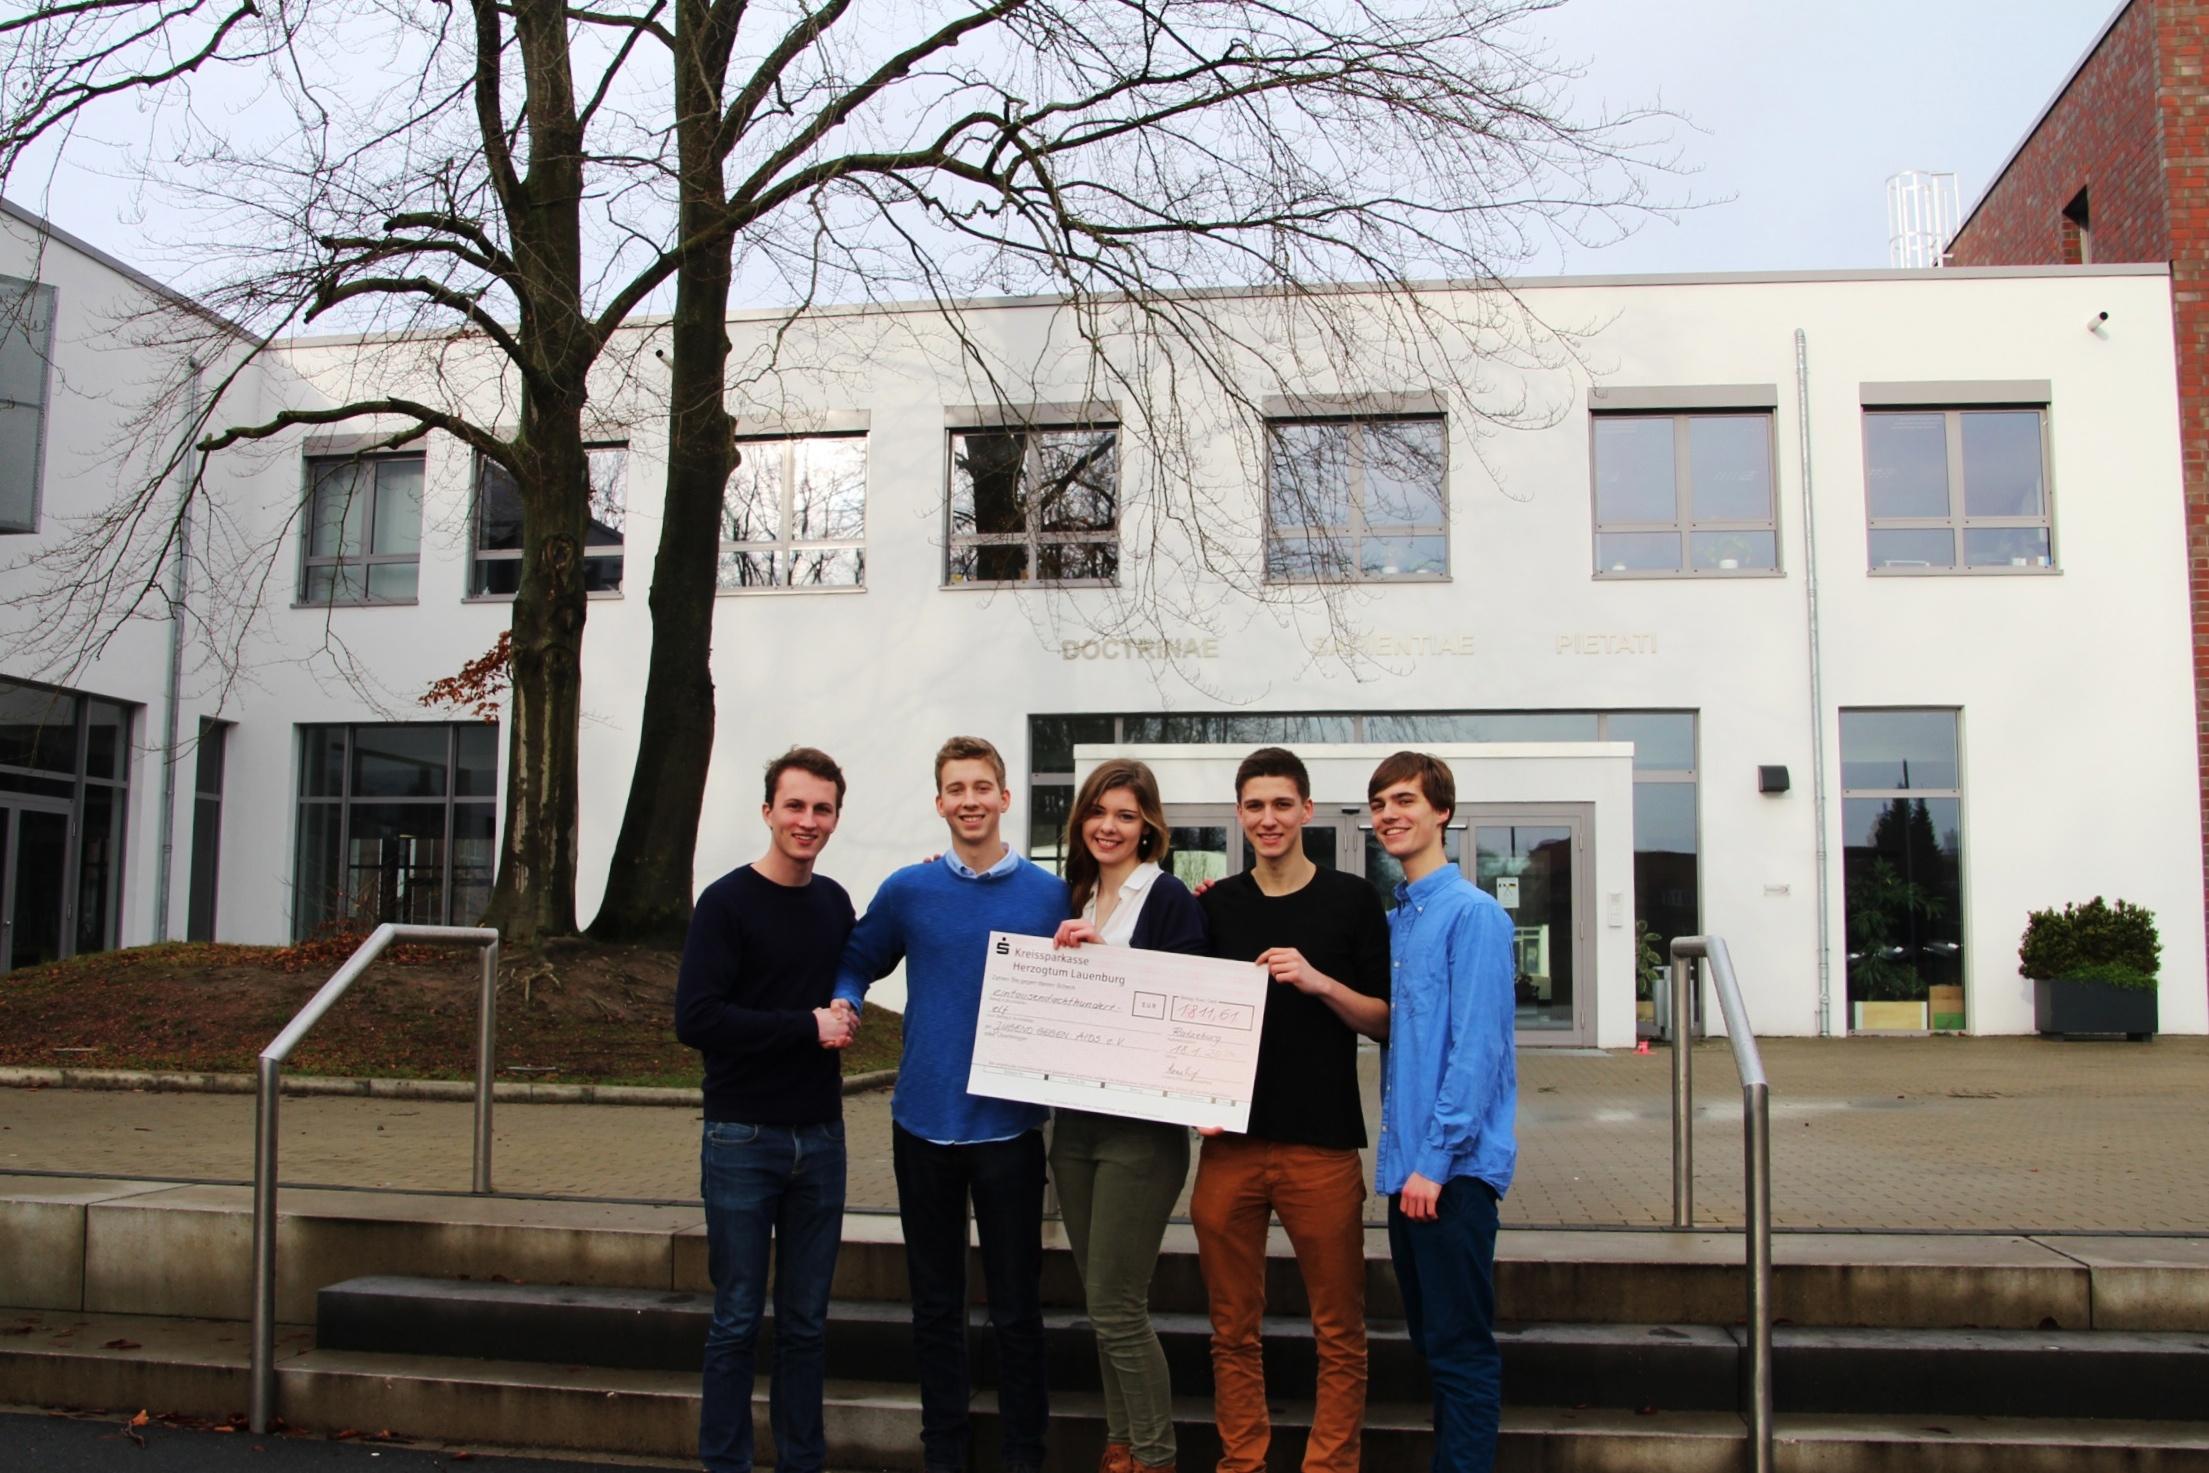 Schülervertretung der Lauenburgischen Gelehrtenschule sammelte 1811 Euro